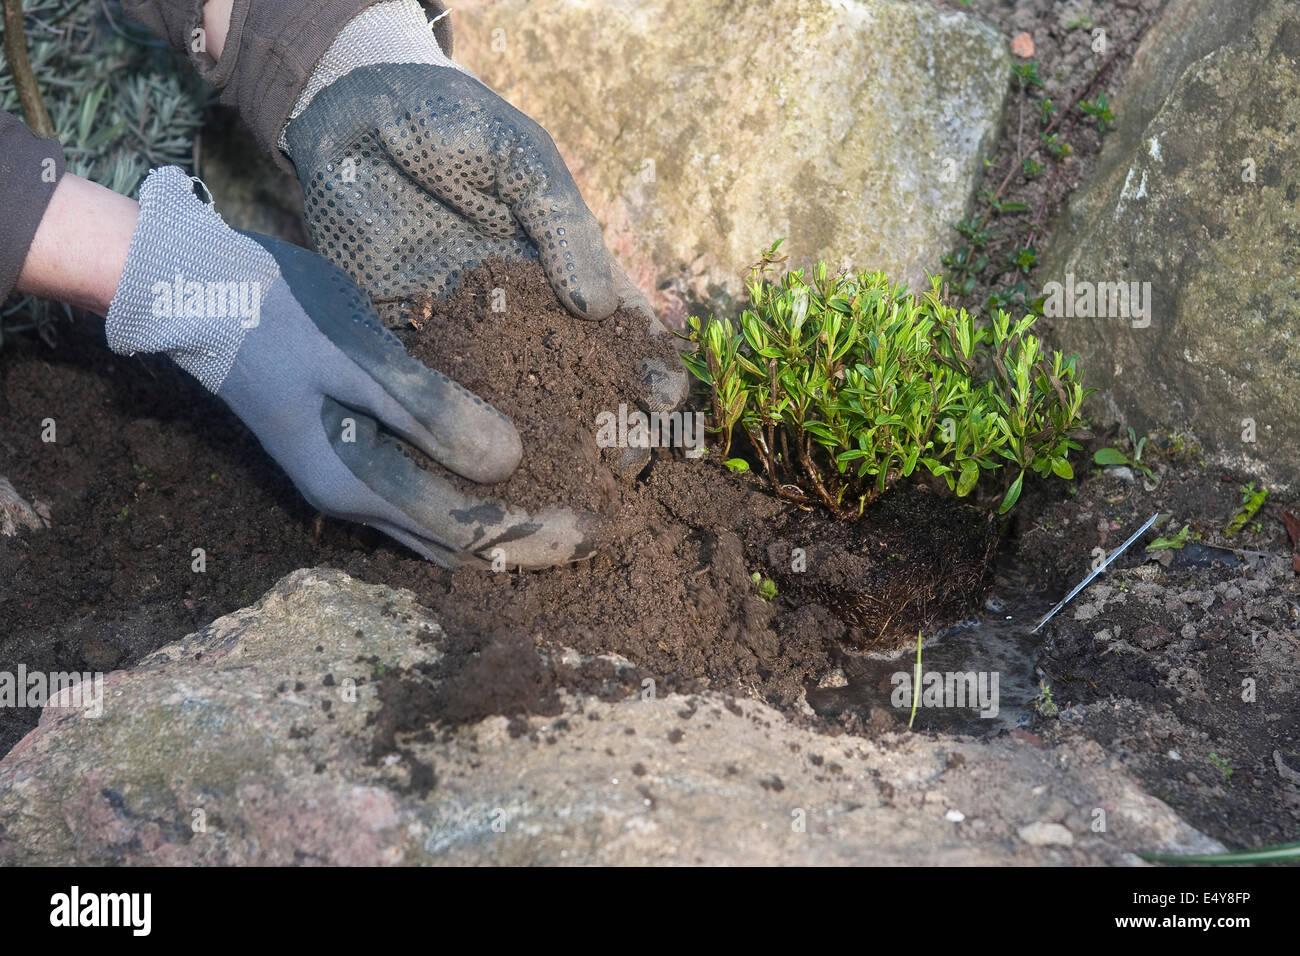 le jardinage, les semis, la culture, l'einpflanzen, pflanze